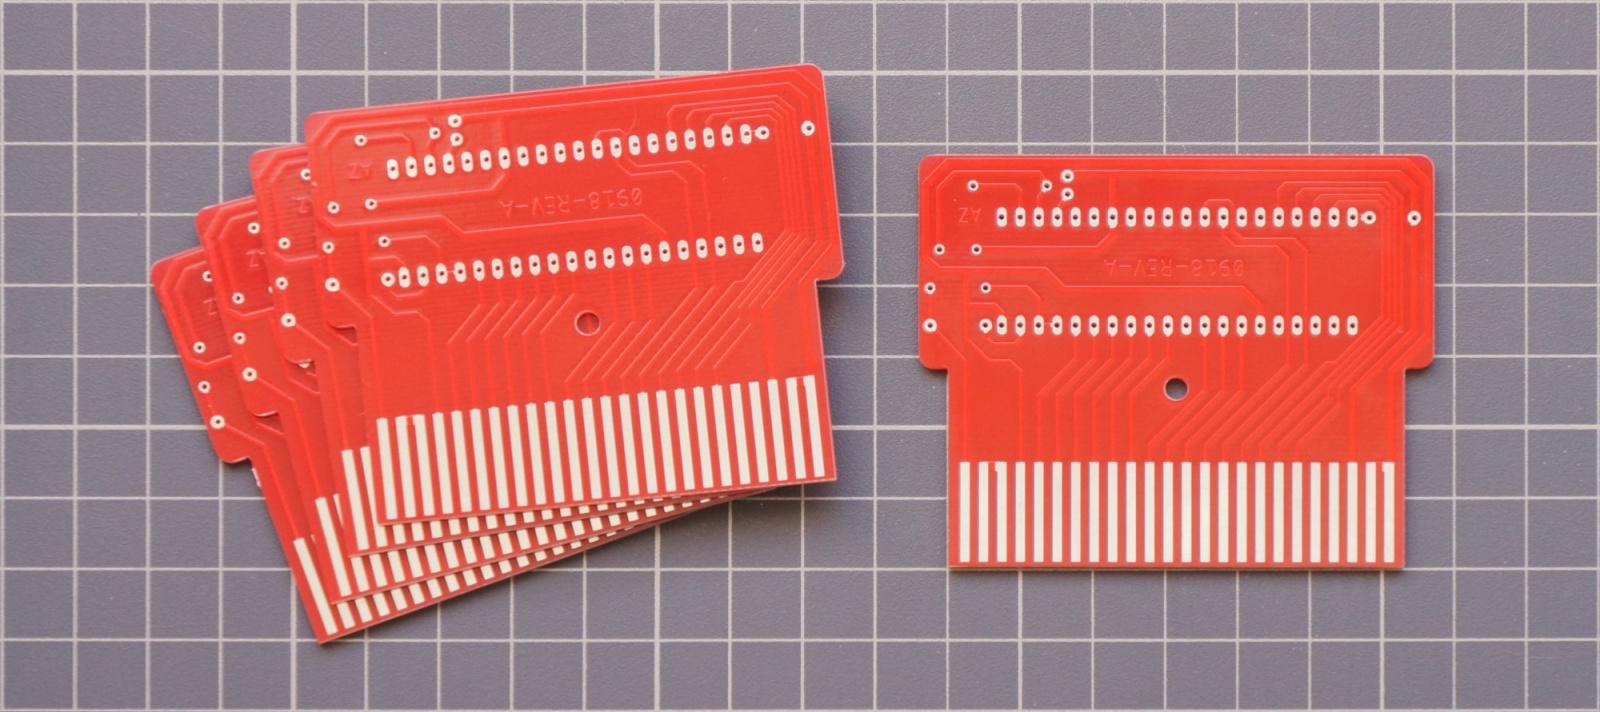 Ретро-разработка для первой портативной консоли из далекого 1979 года - 12